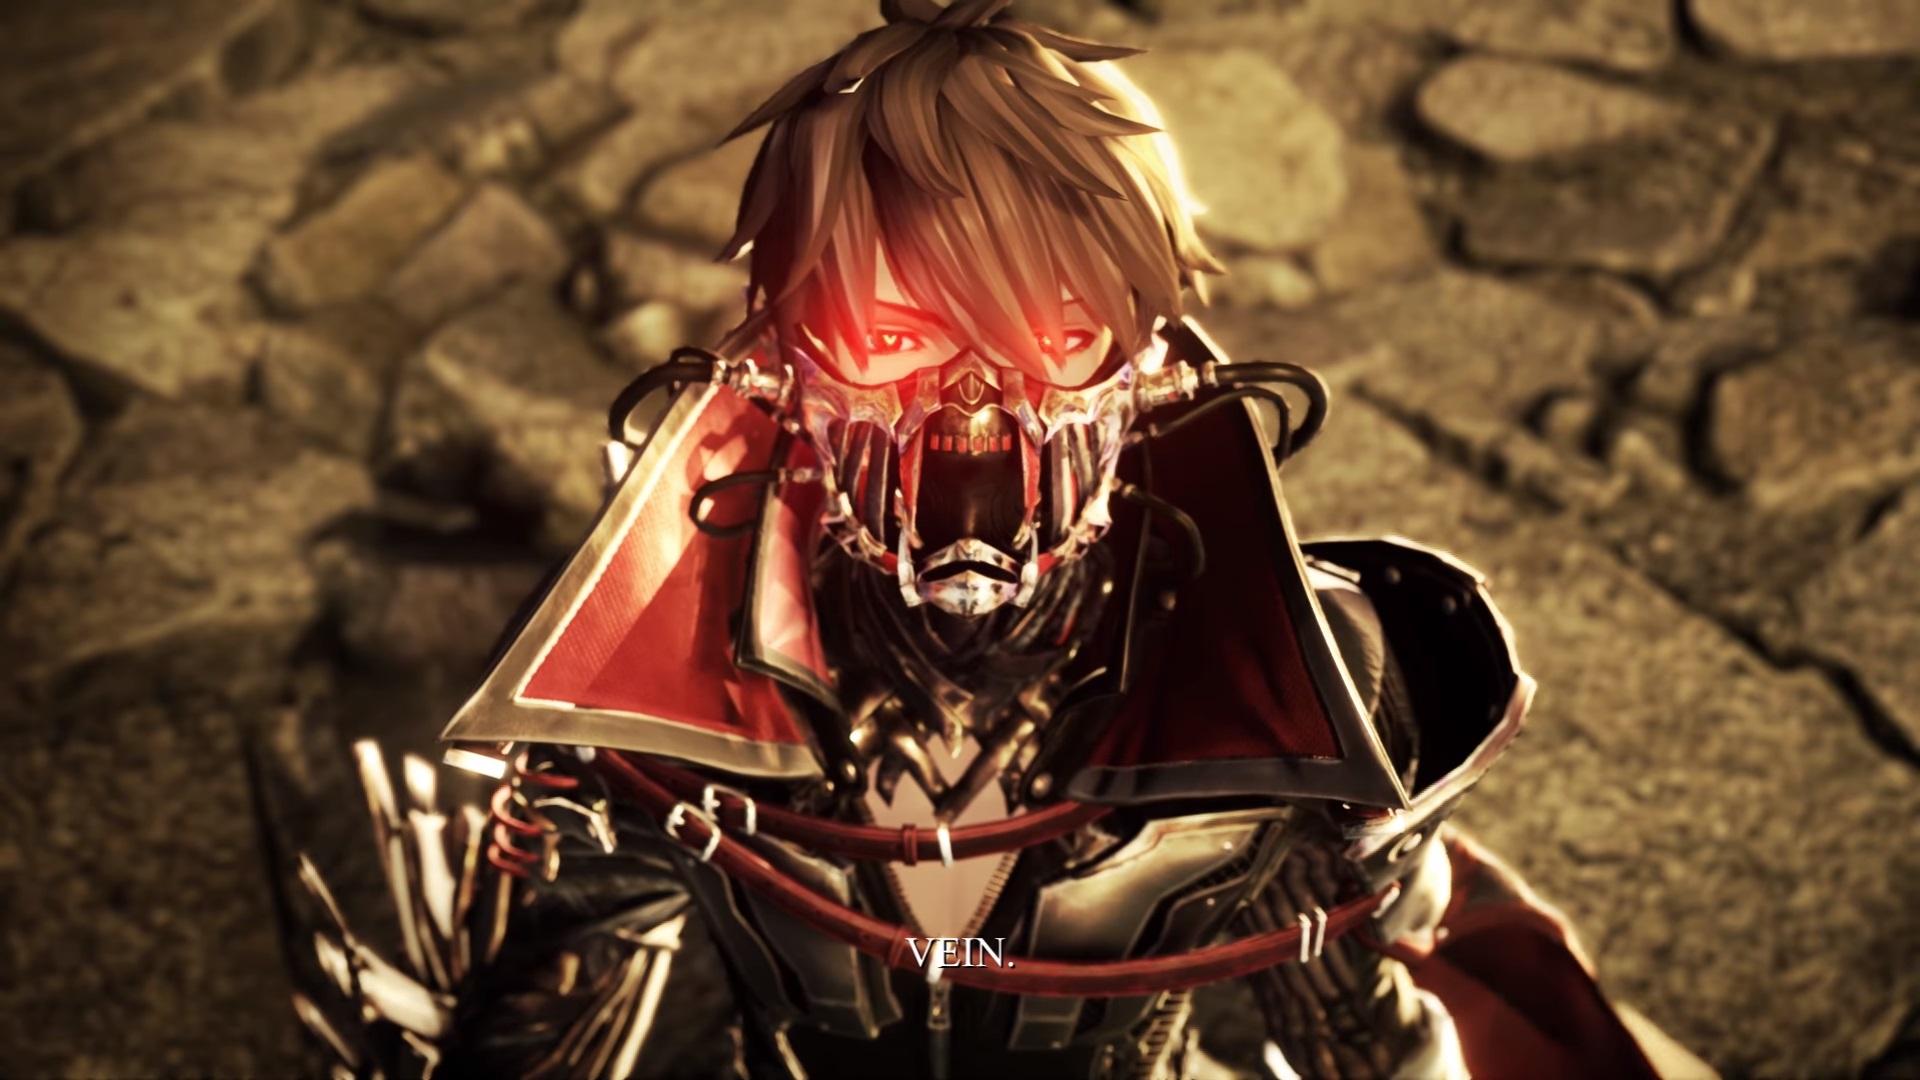 Code Vein looking mask glow eyes